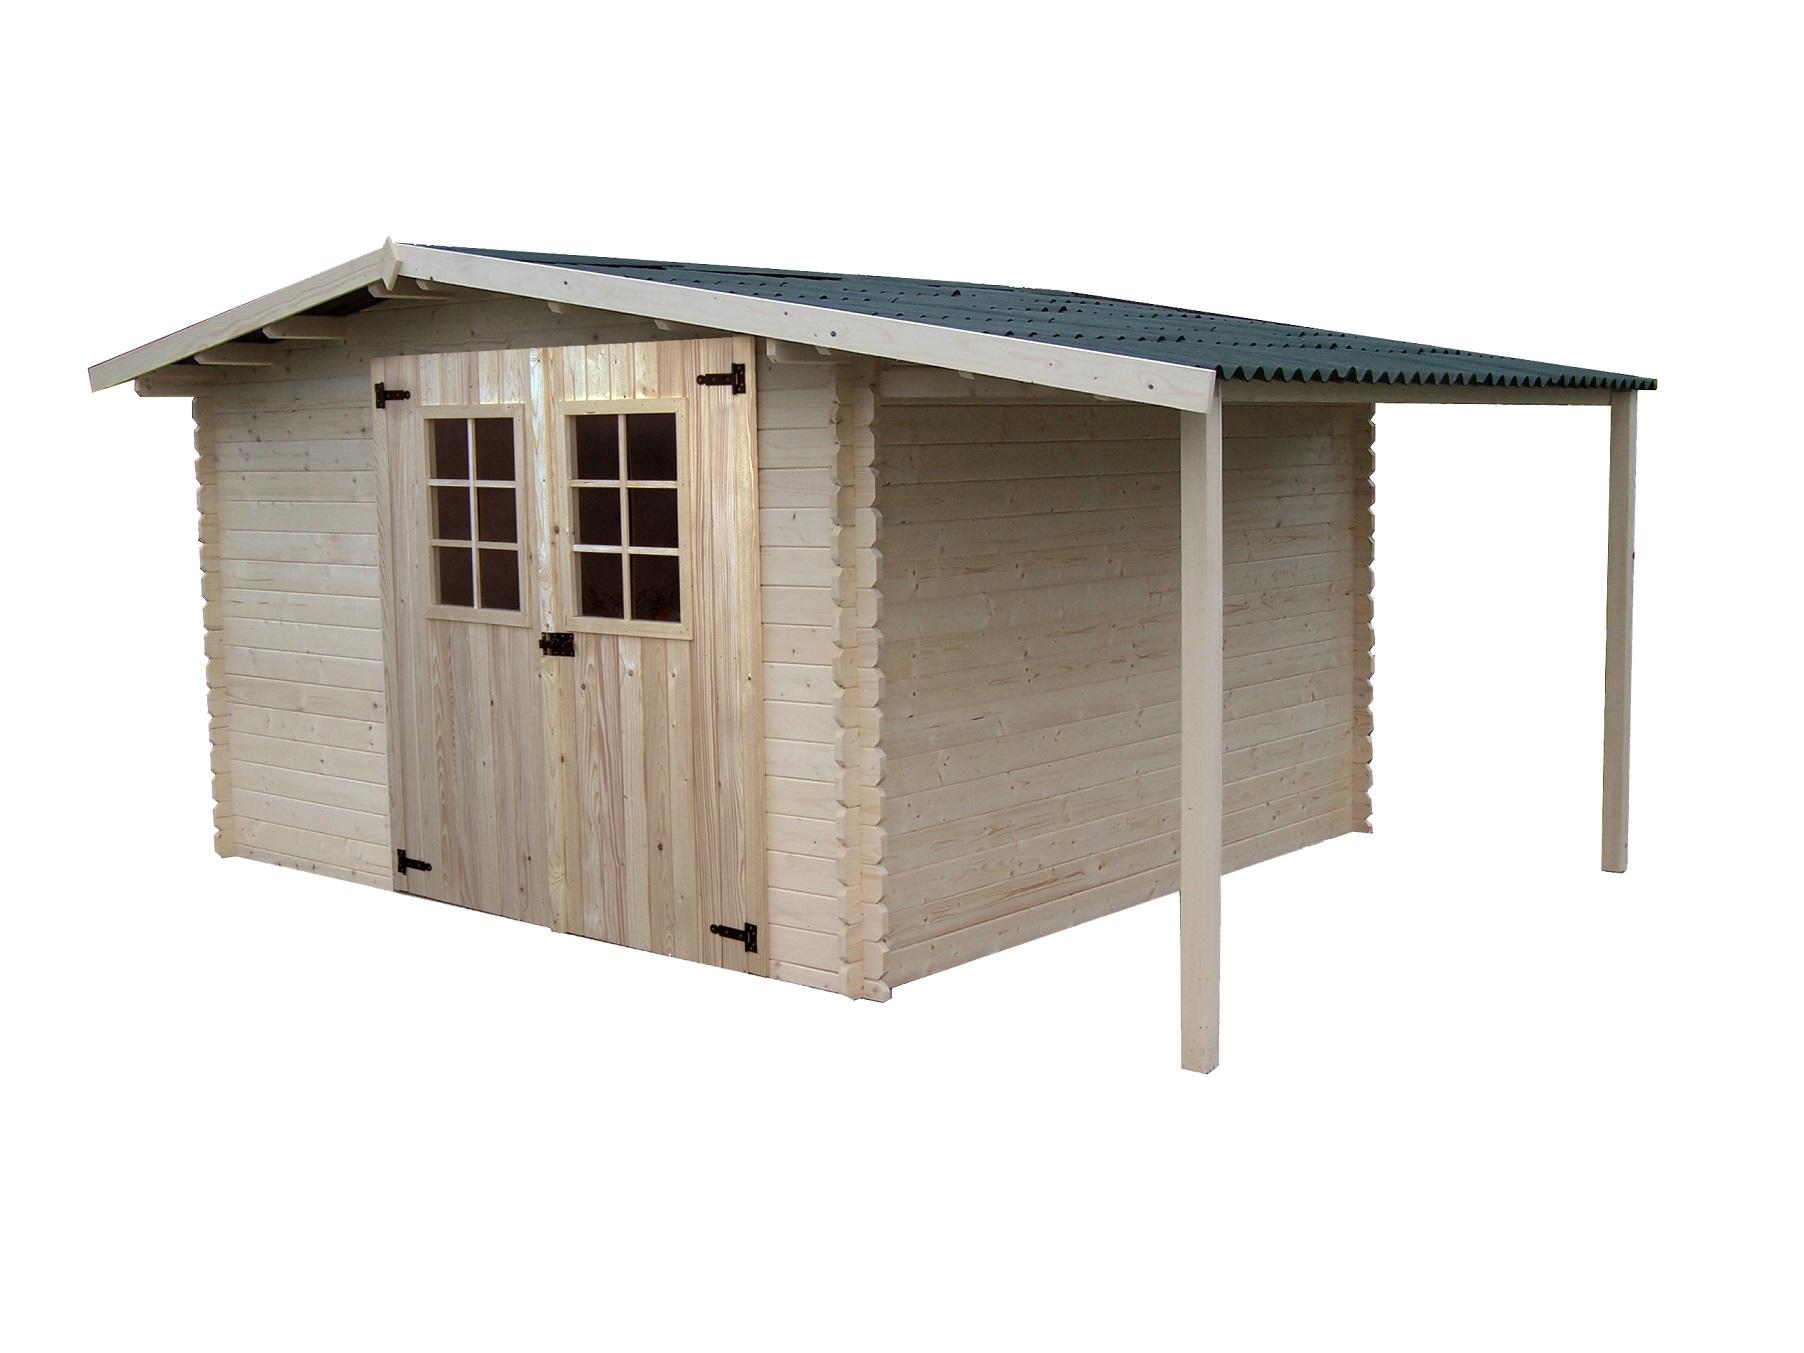 abri de jardin bois vendee avec bucher 4 40x3 04m